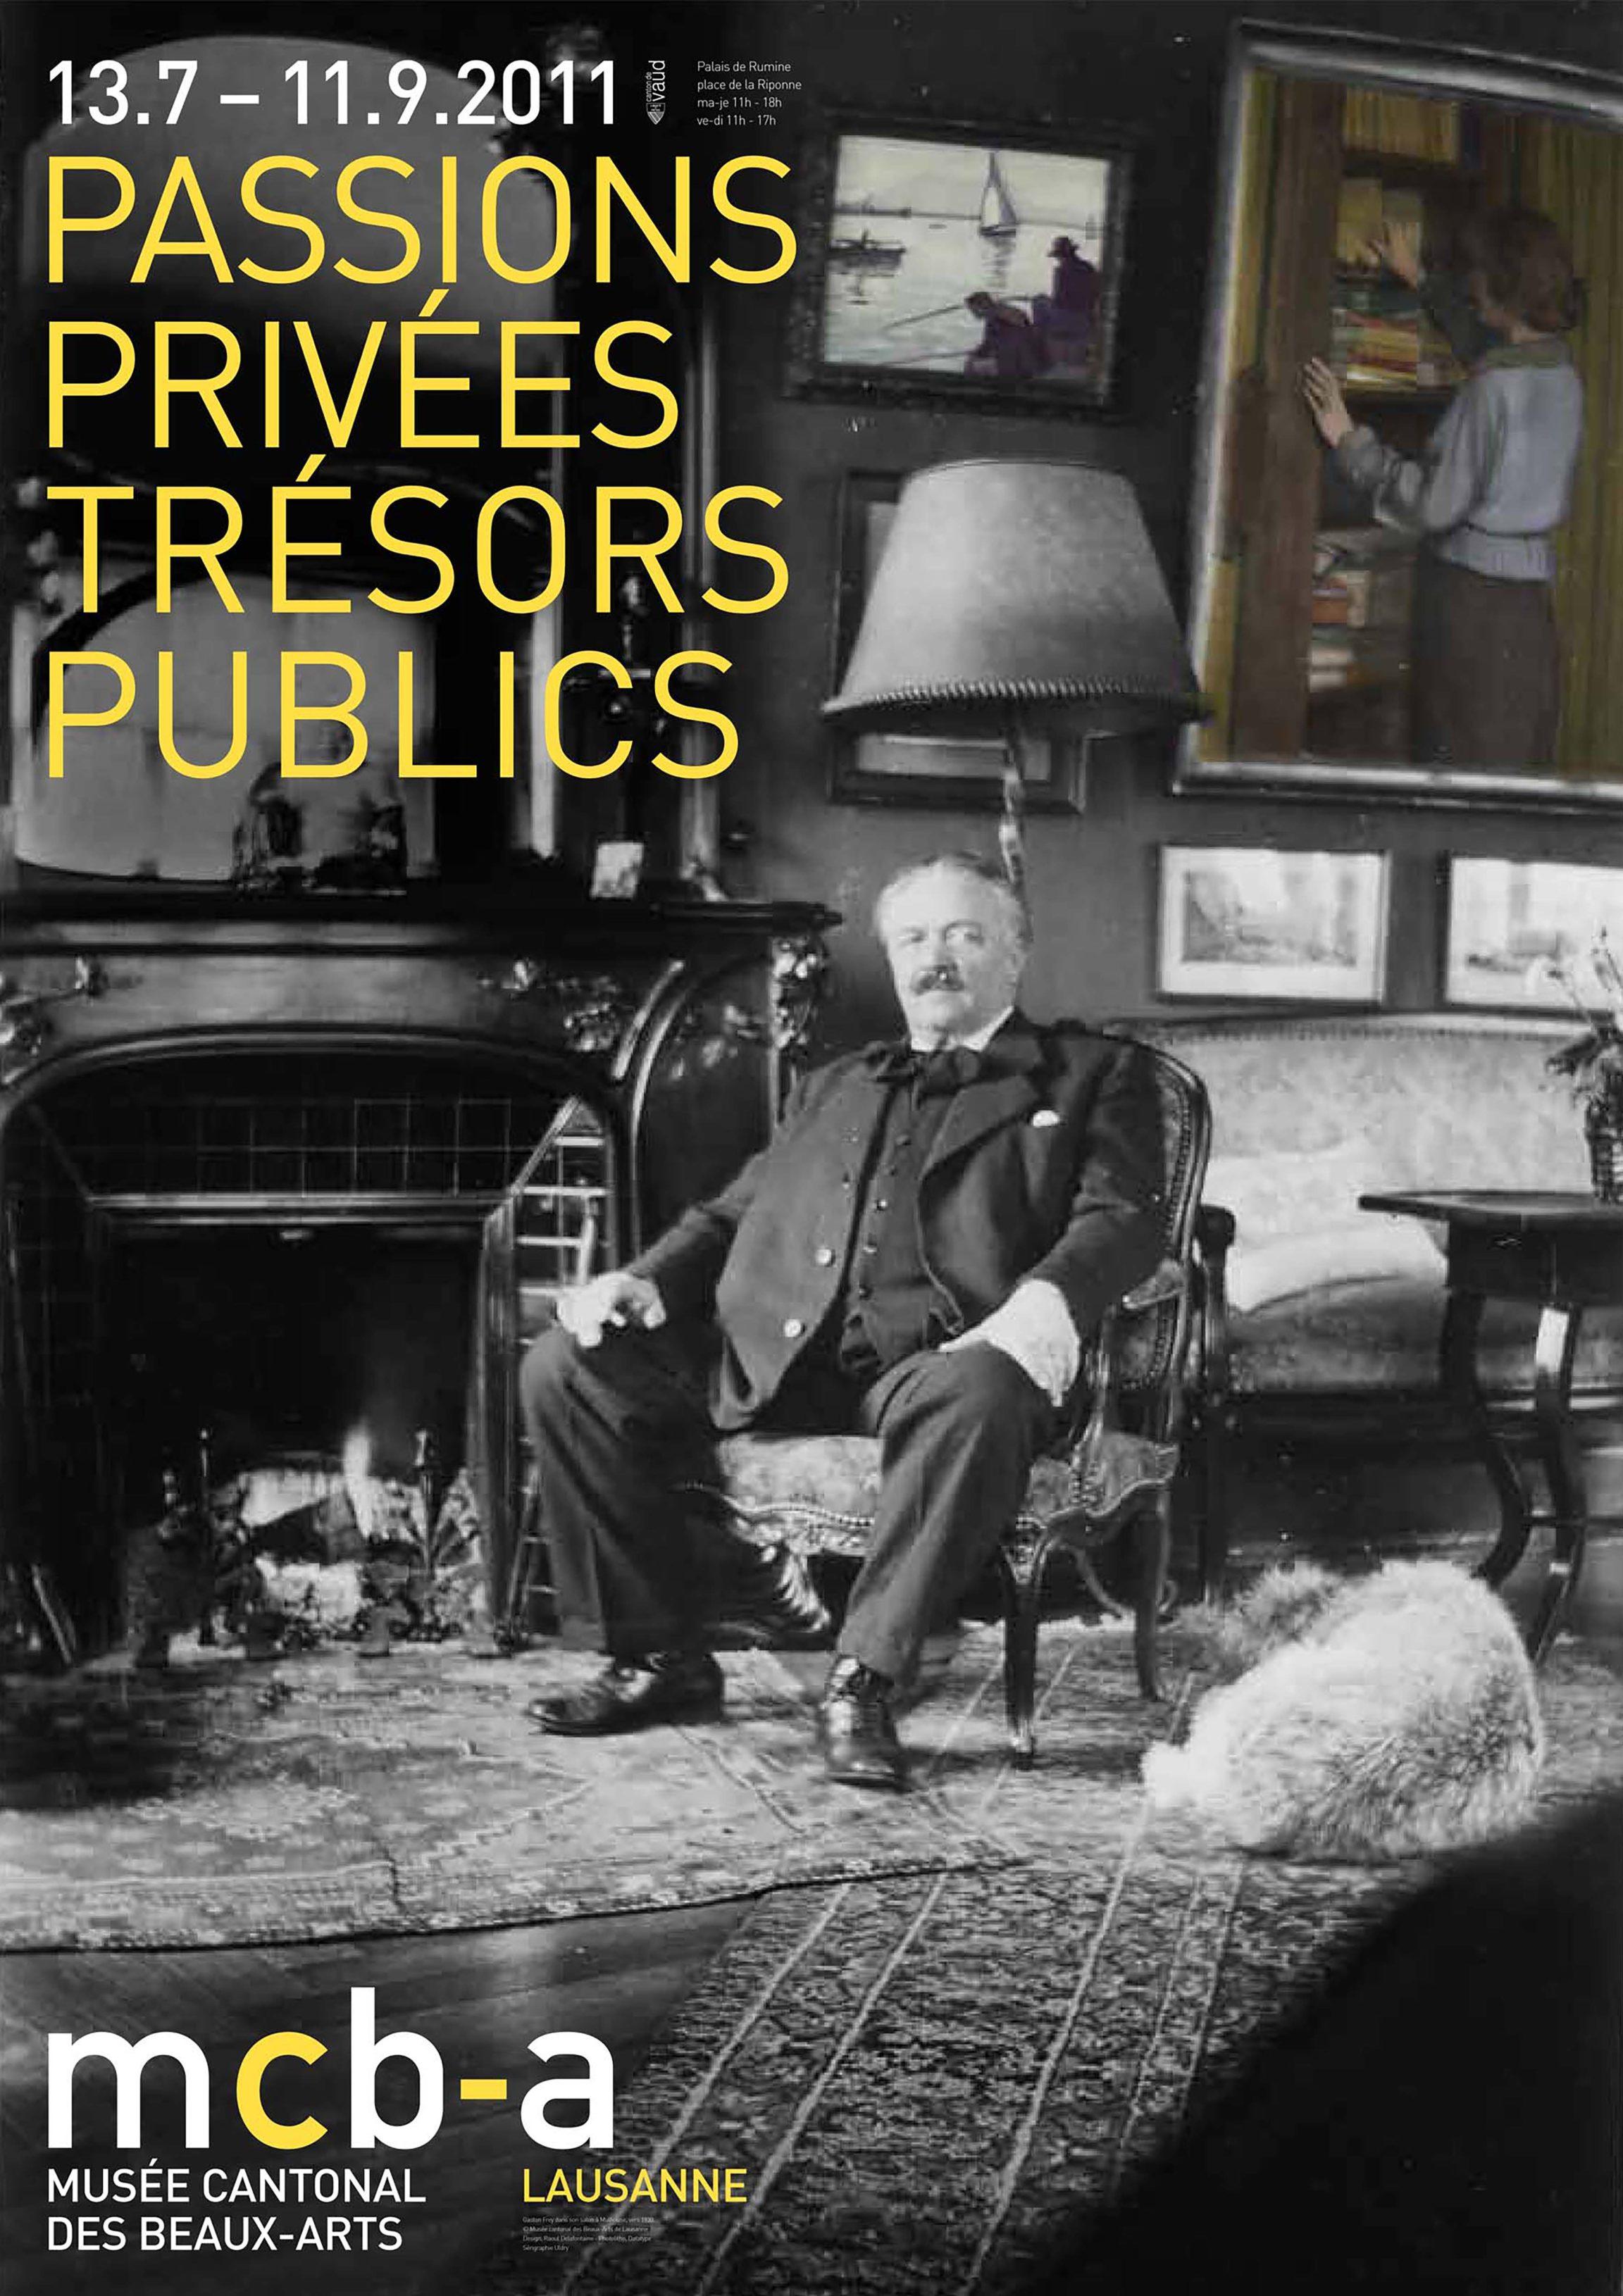 Passions privées, <br> trésors publics